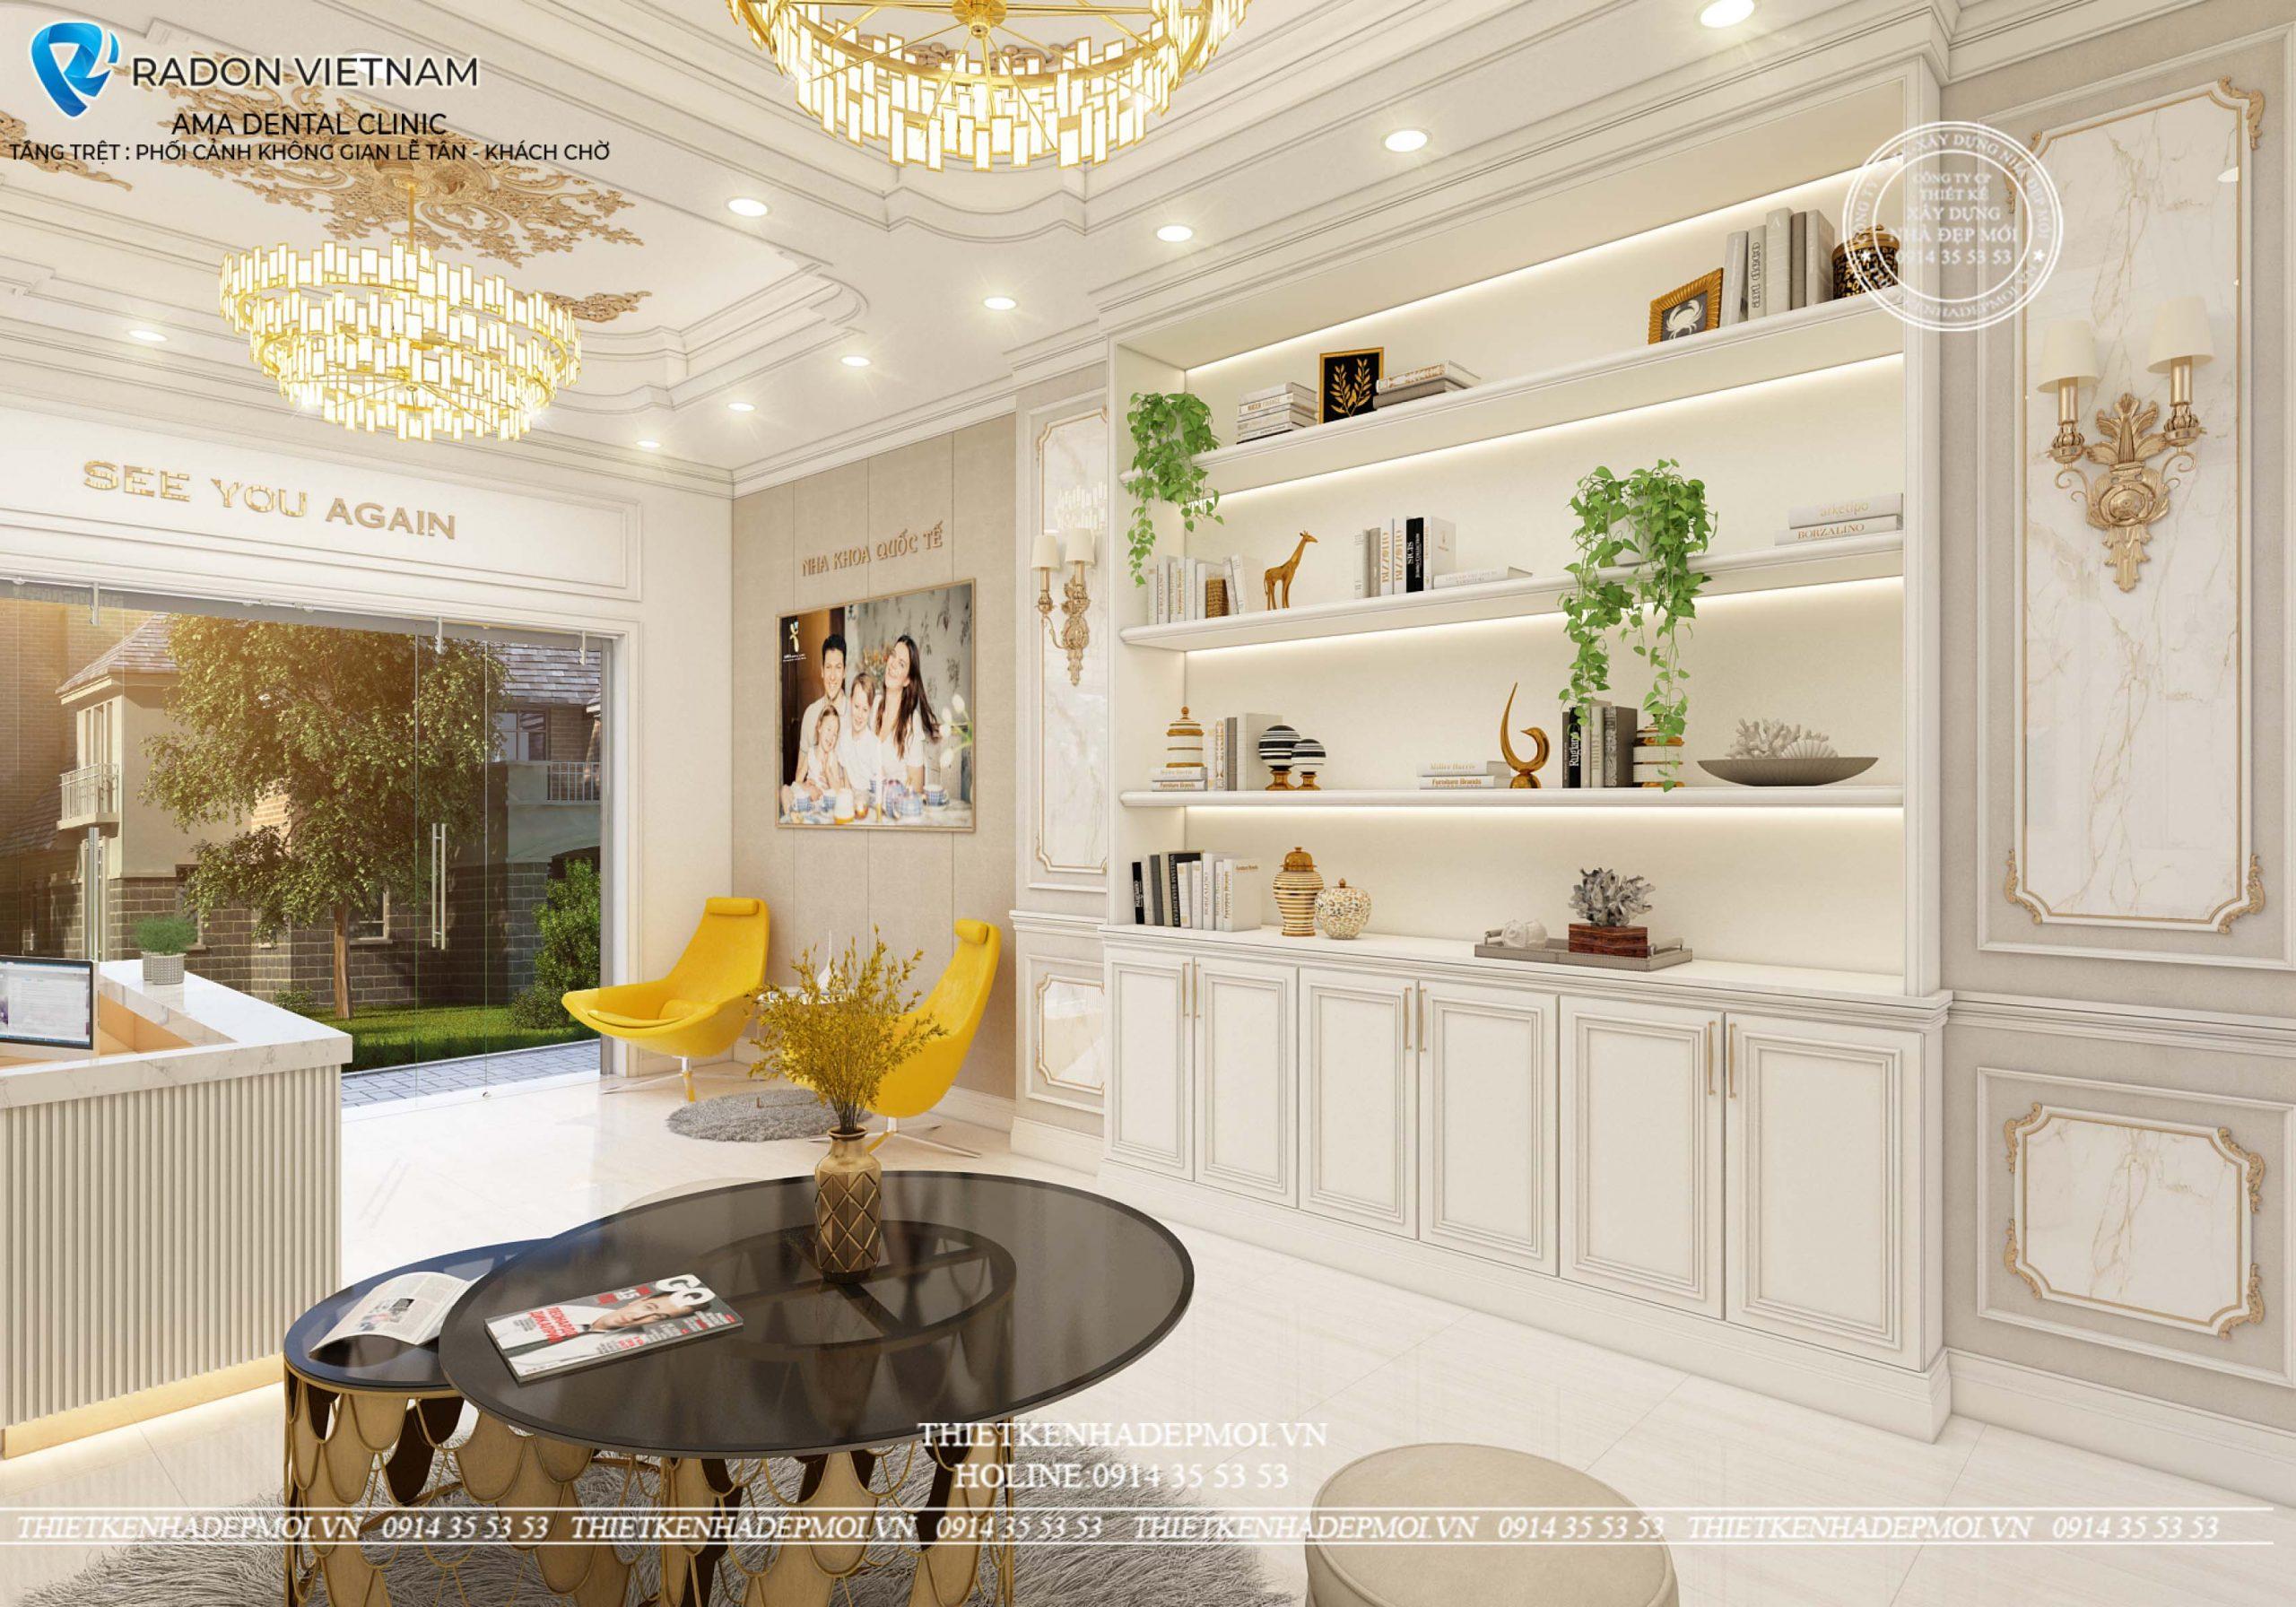 thiết kế nội thất phòng khám